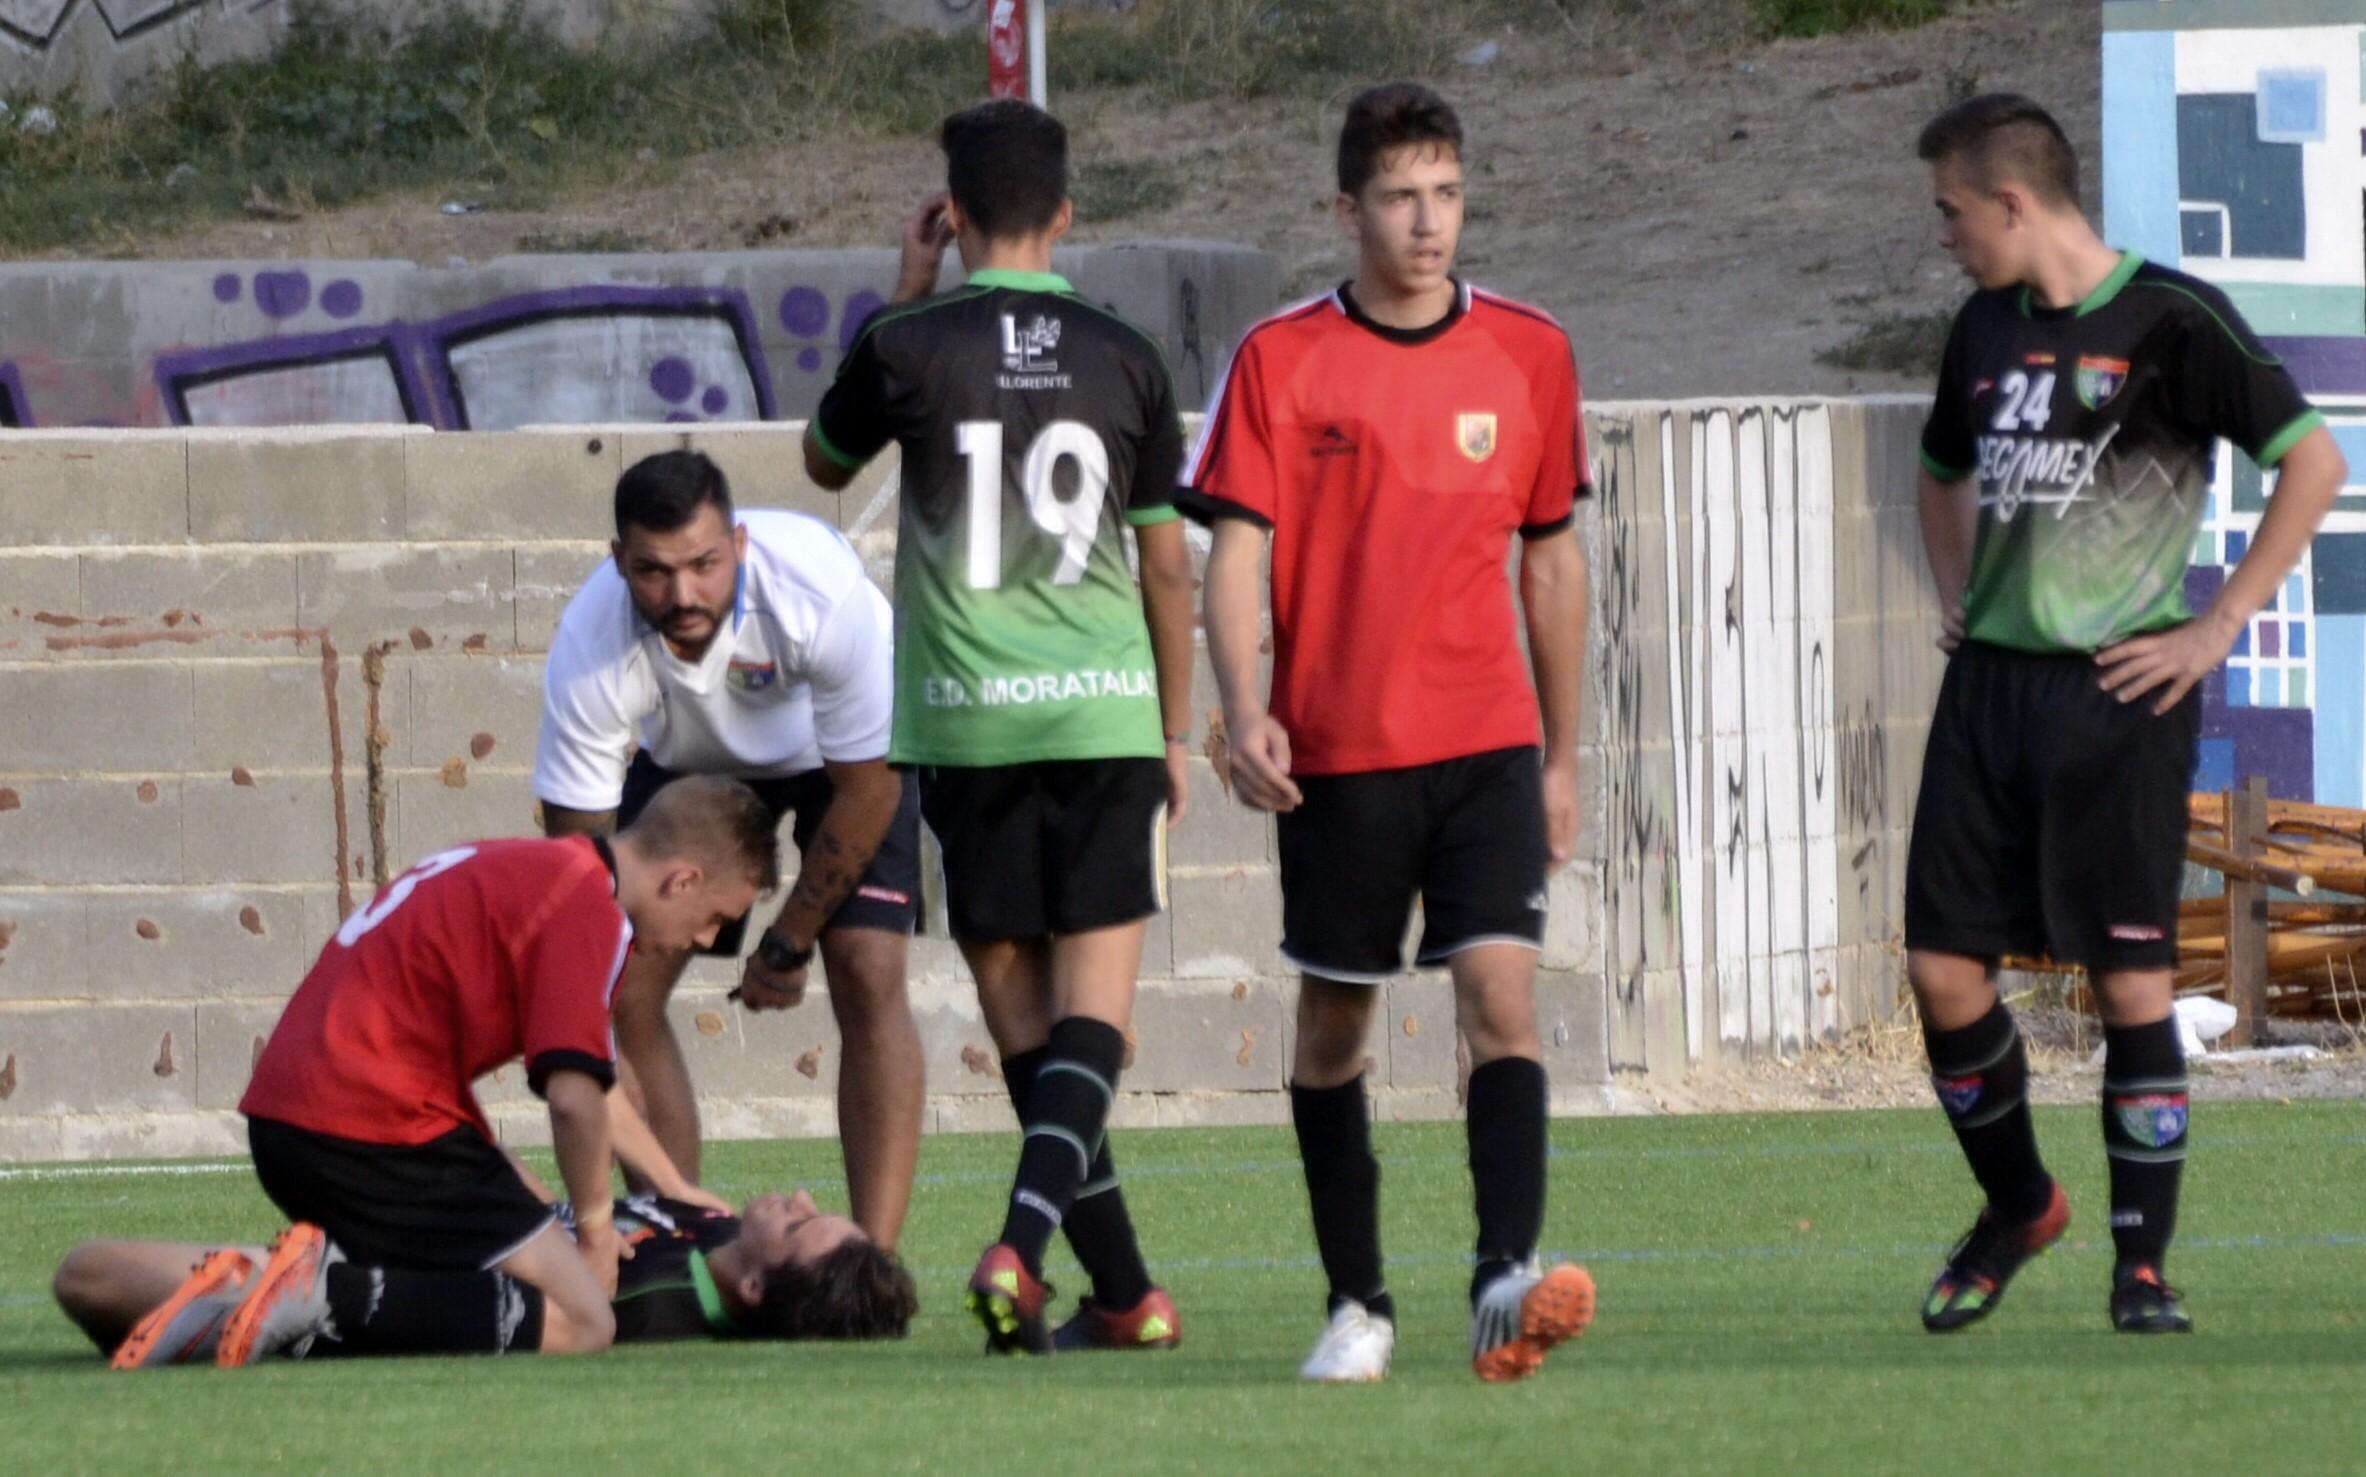 Crónica y fotos del partido amistoso EDM Juvenil D 2 – 0 Racing Villaverde